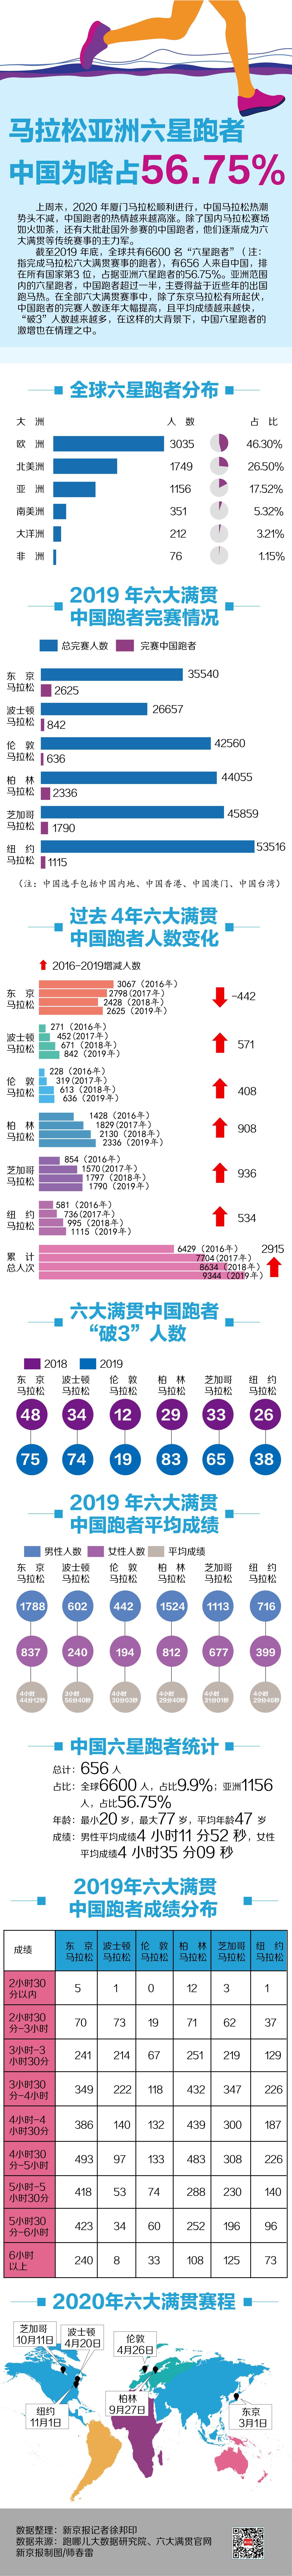 图说|亚洲马拉松六星跑者破千,中国为何超过一半?图片